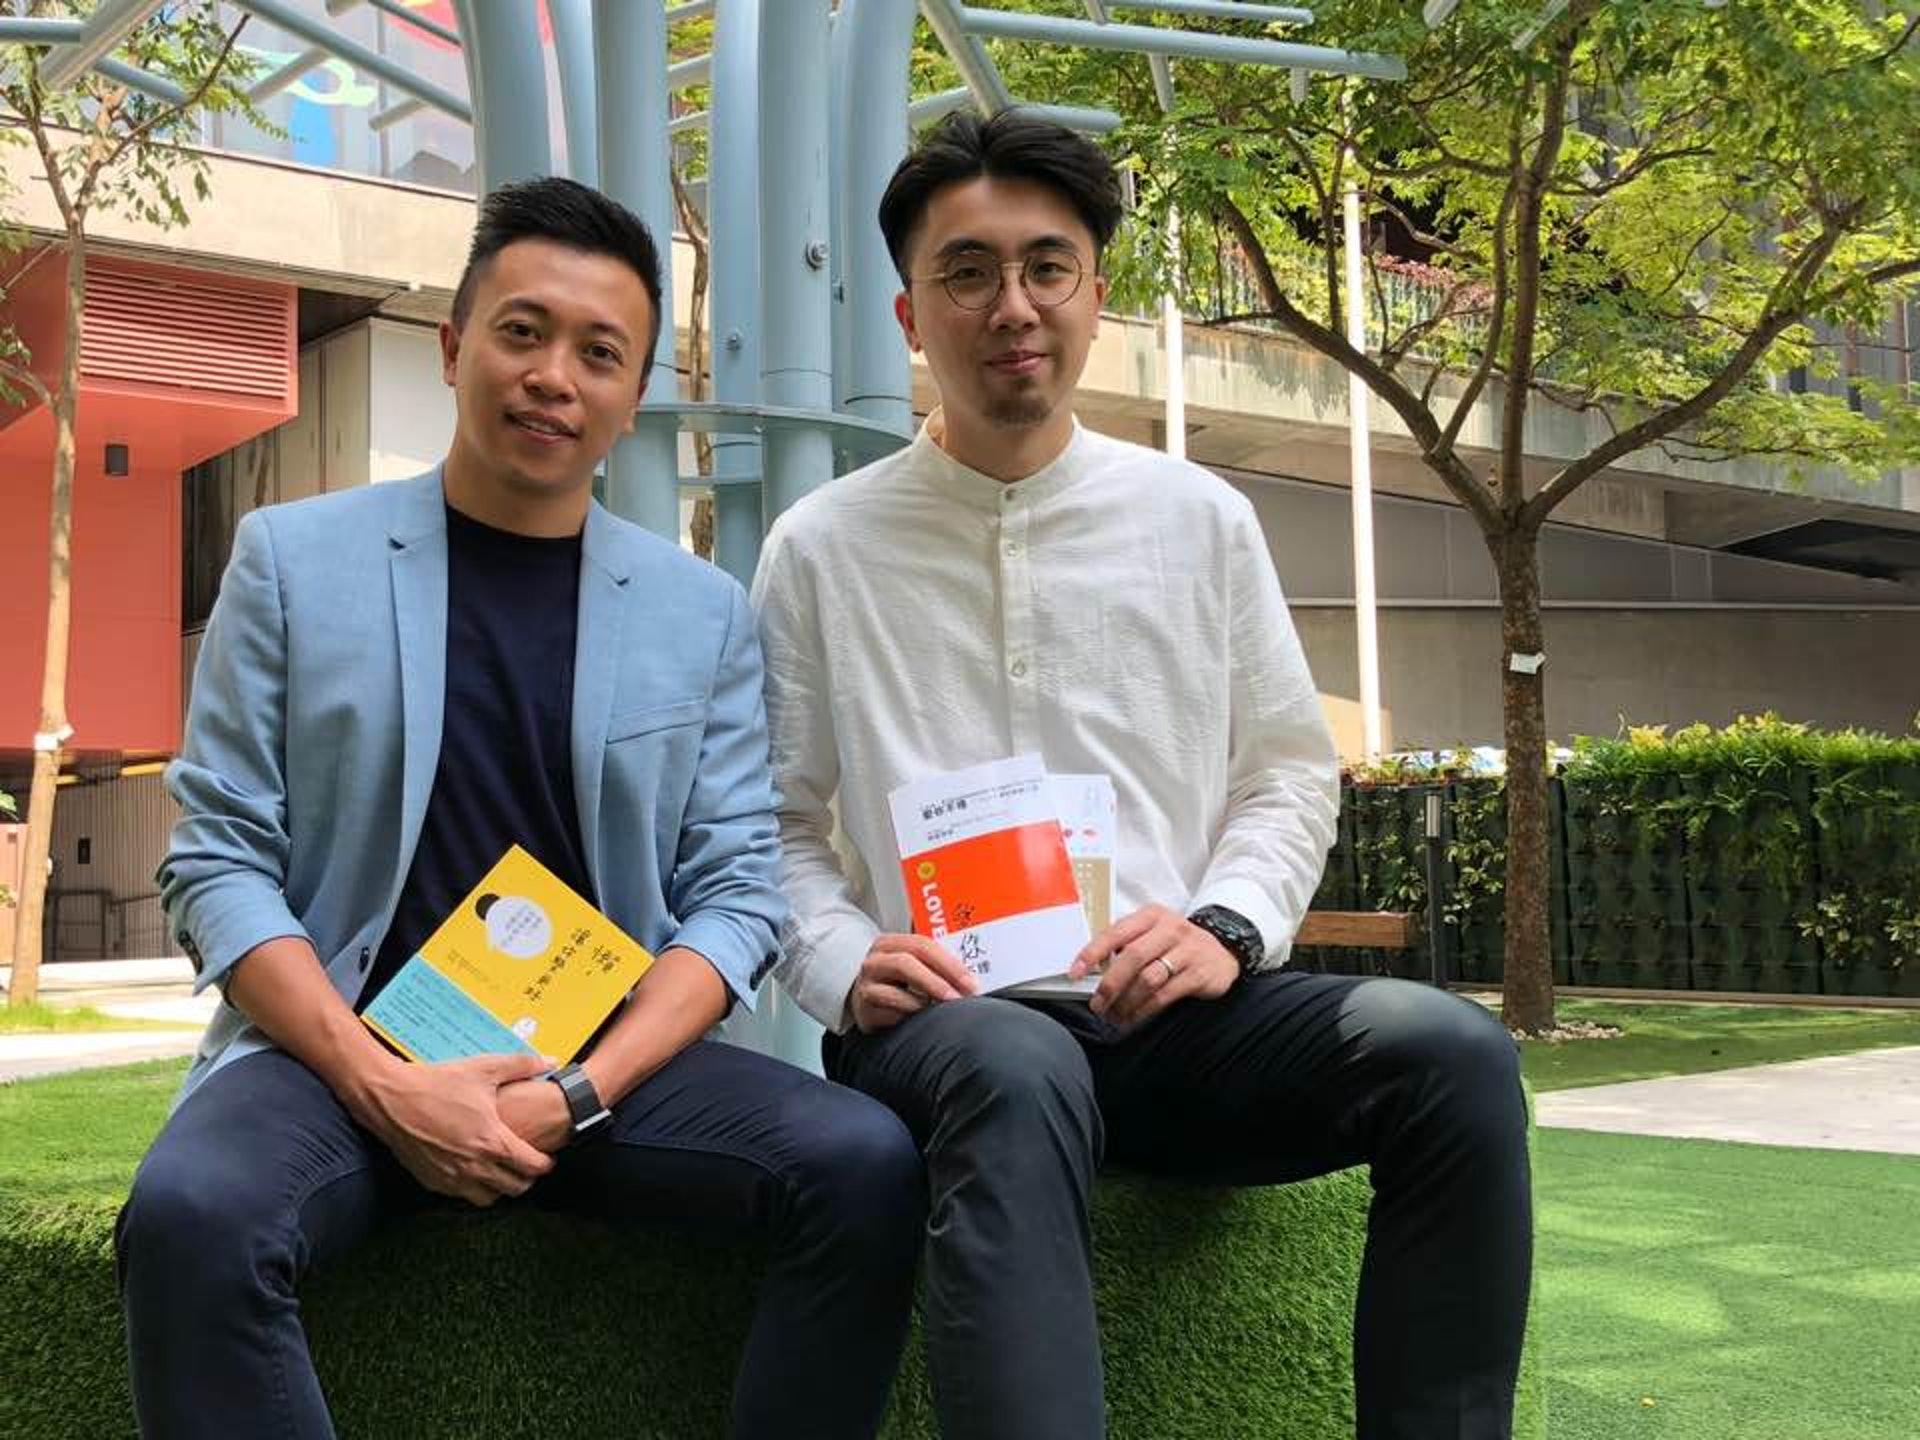 陳健康(左一)說,書本和音樂的關係猶如咖啡和牛奶,因此邀請Kingman屆時分享音樂治療的相關經驗。(文雪萍攝)